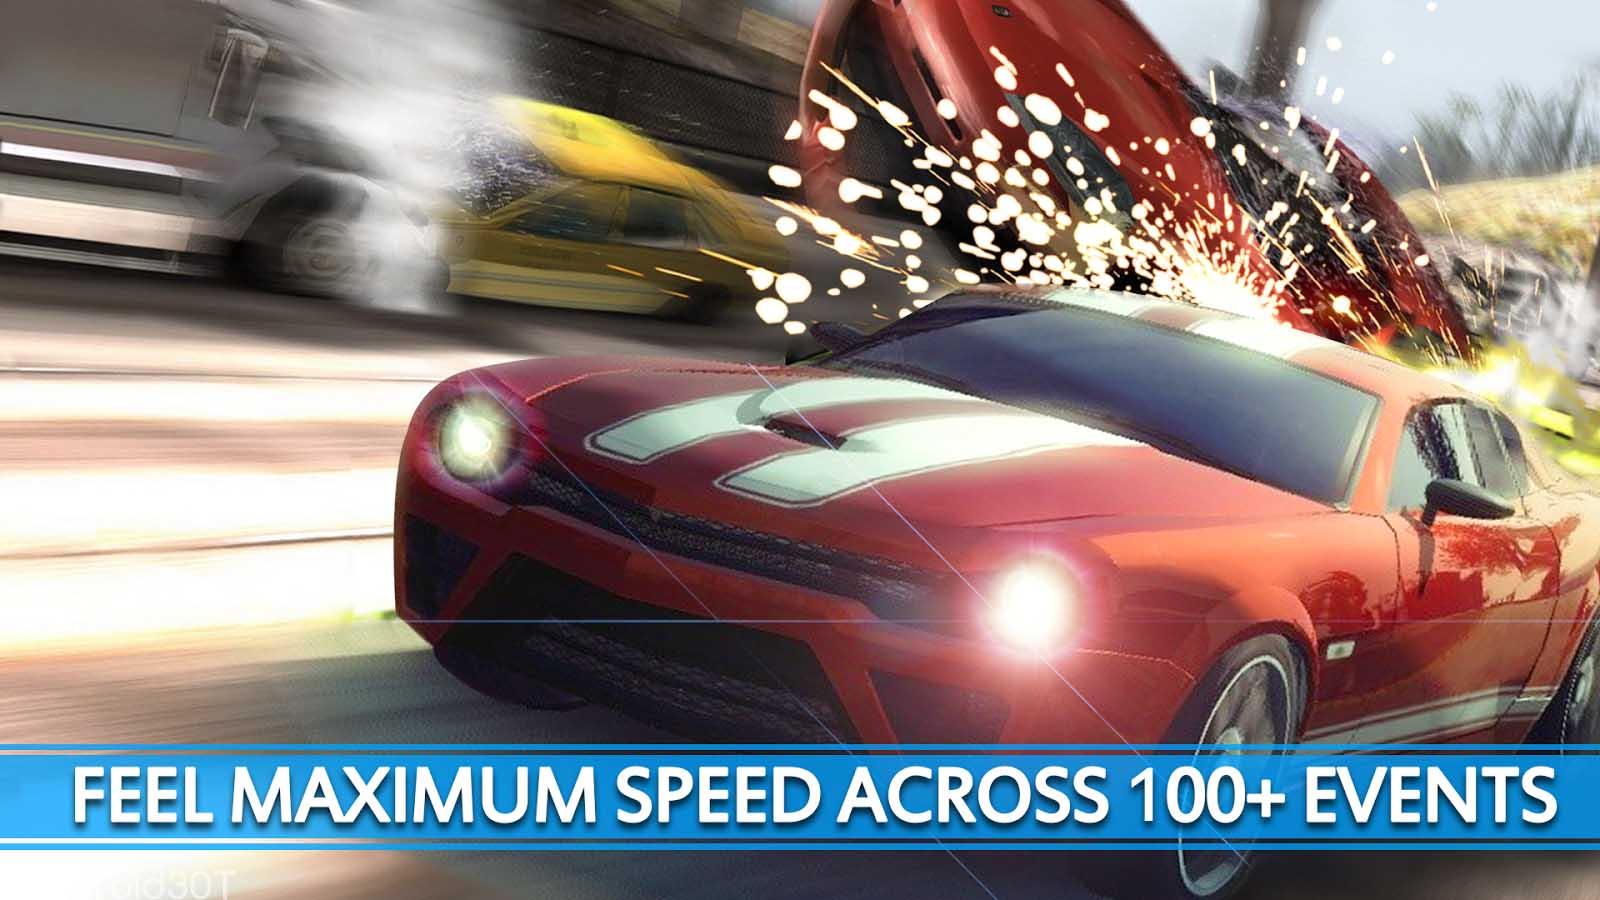 دانلود City Racing Adventure 3D 2.1 – بازی مسابقه ای رانندگی در شهر اندروید